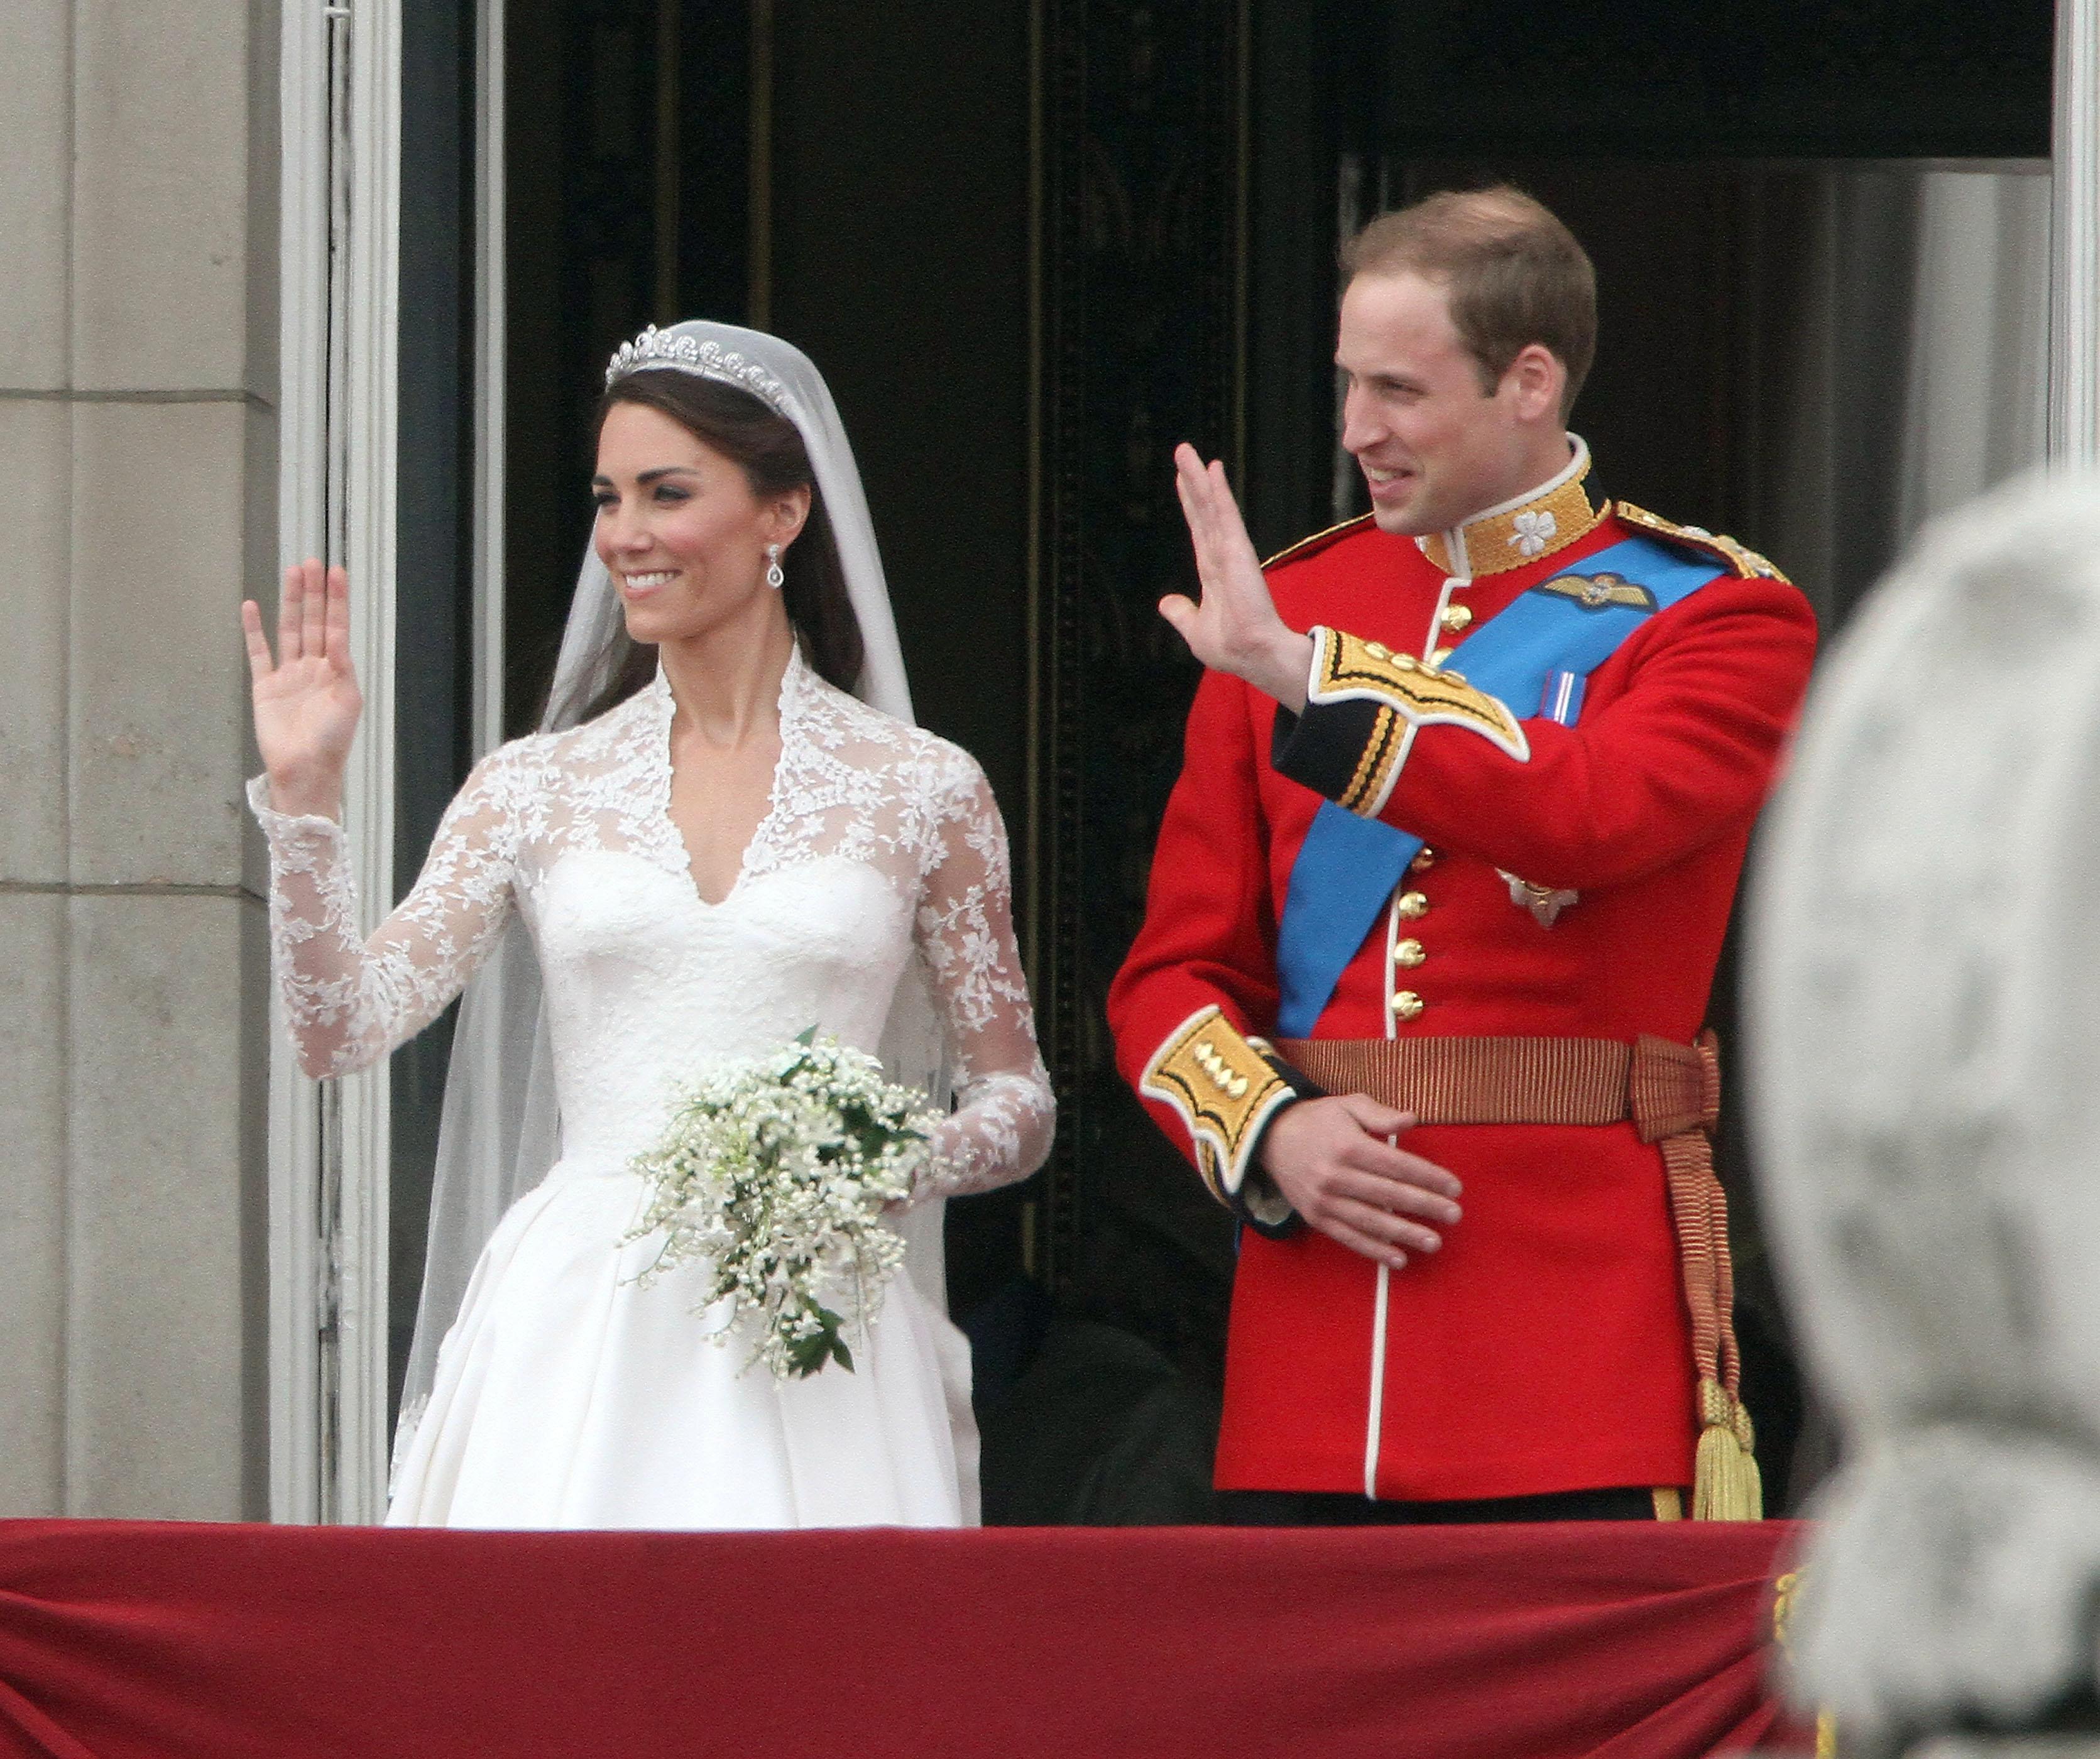 Kate Middleton: επτά χρόνια μετά αποκαλύφθηκε ότι άλλαξε νυφικό χτένισμα τελευταία στιγμή! | tlife.gr